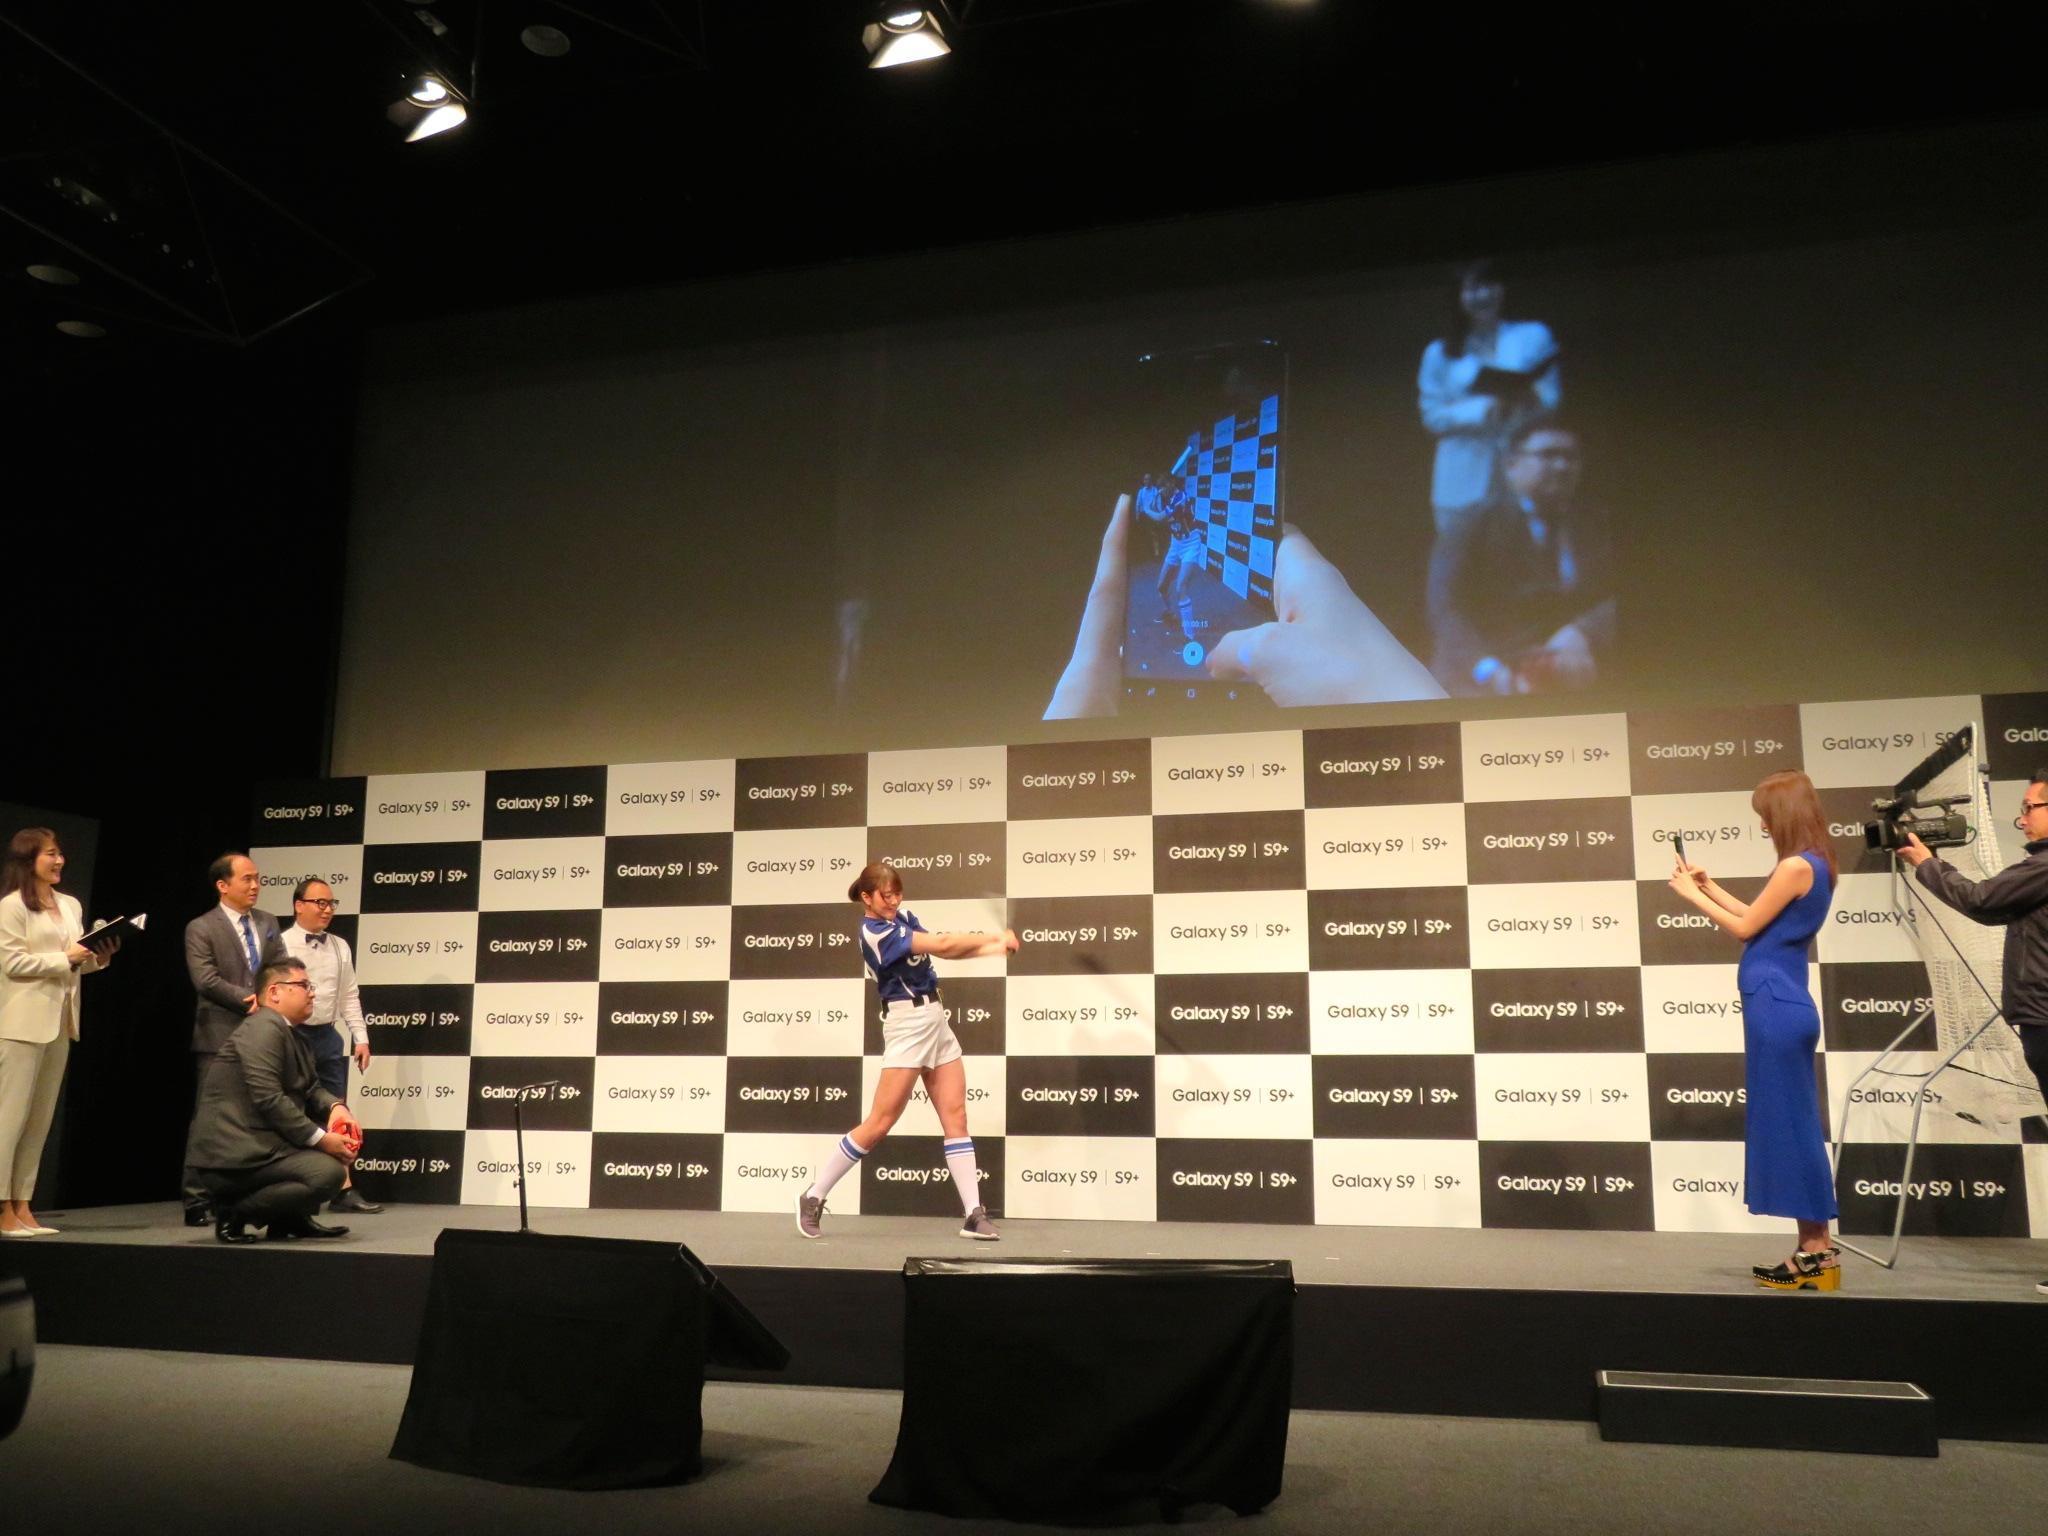 http://news.yoshimoto.co.jp/20180517175346-babcd7c221e5aa0ab325d5a53ba103258ea11b02.jpg